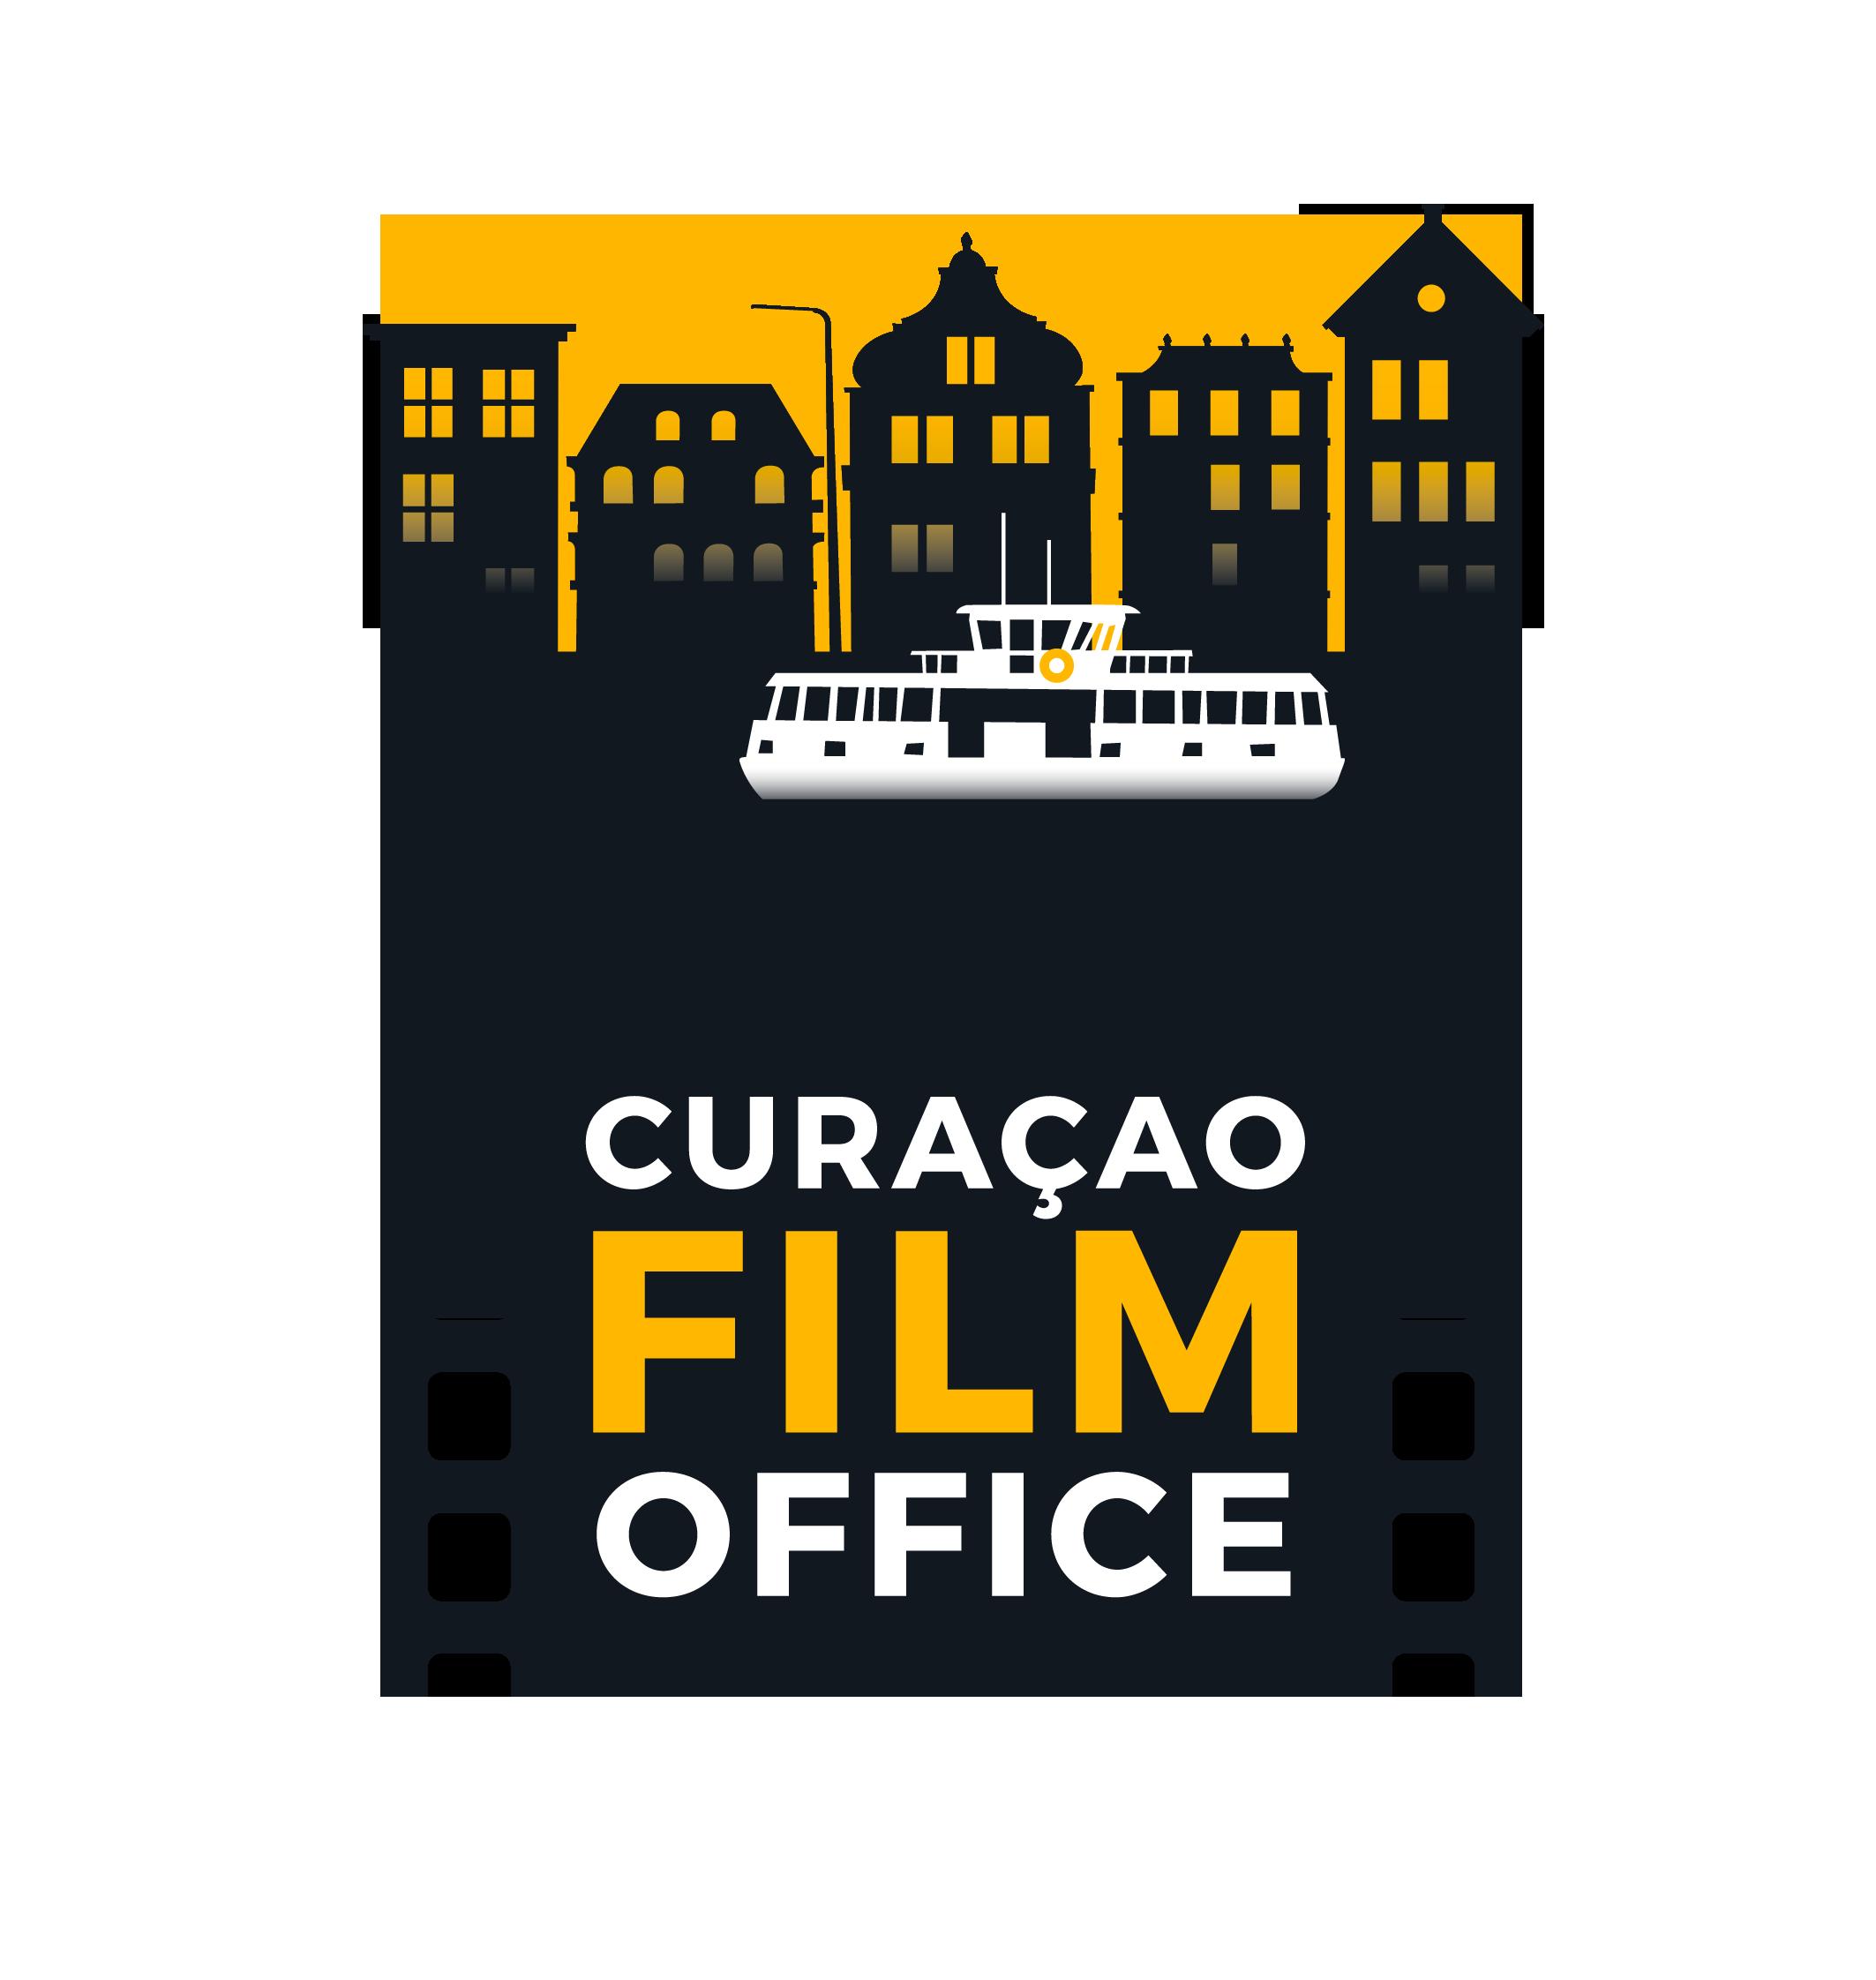 Curacao Film Office